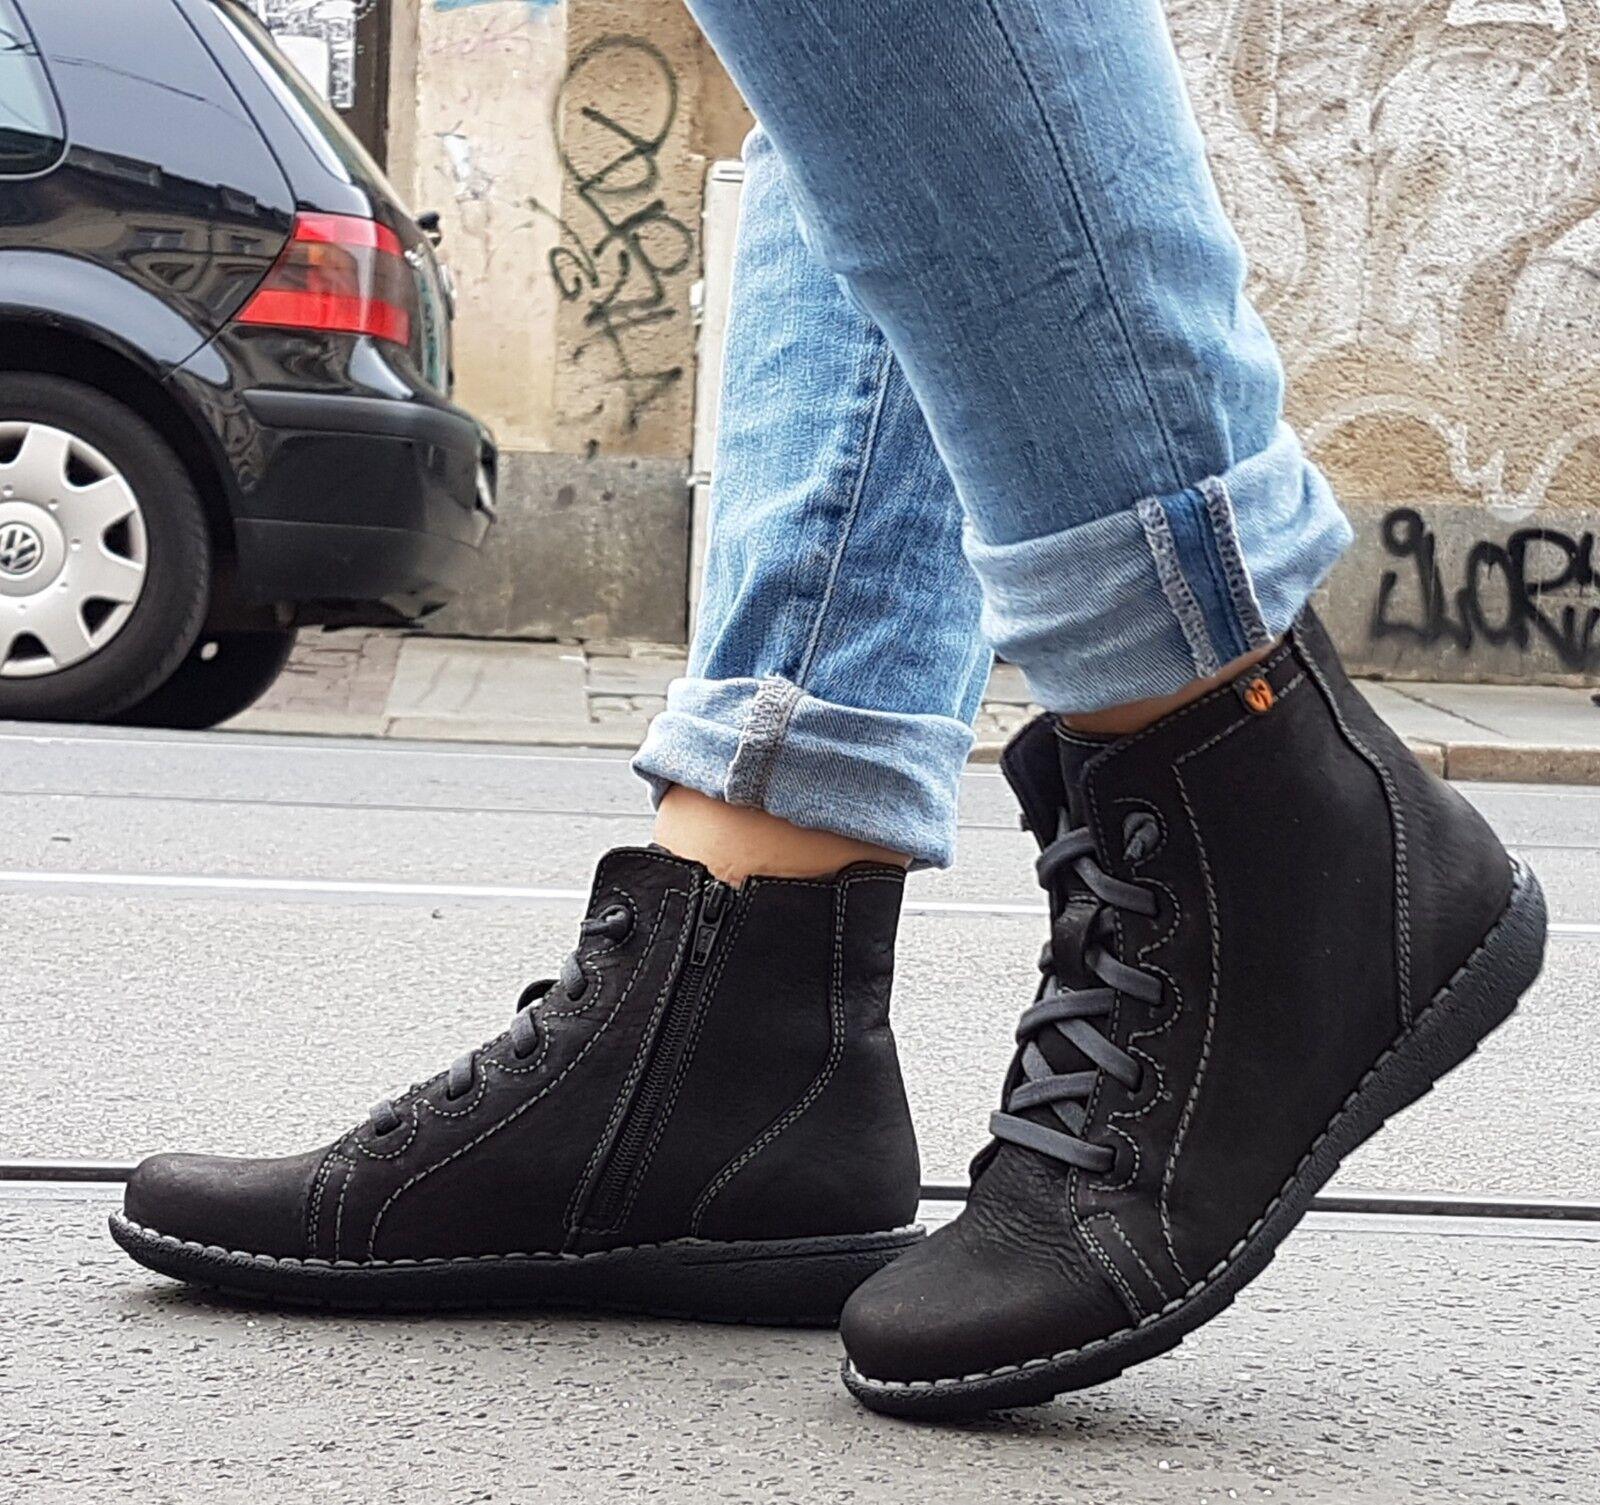 Jungla zapatos 5248 Reims estrella negra dad estrella negra negra negra de cuero genuino original suela de caucho  cómodamente